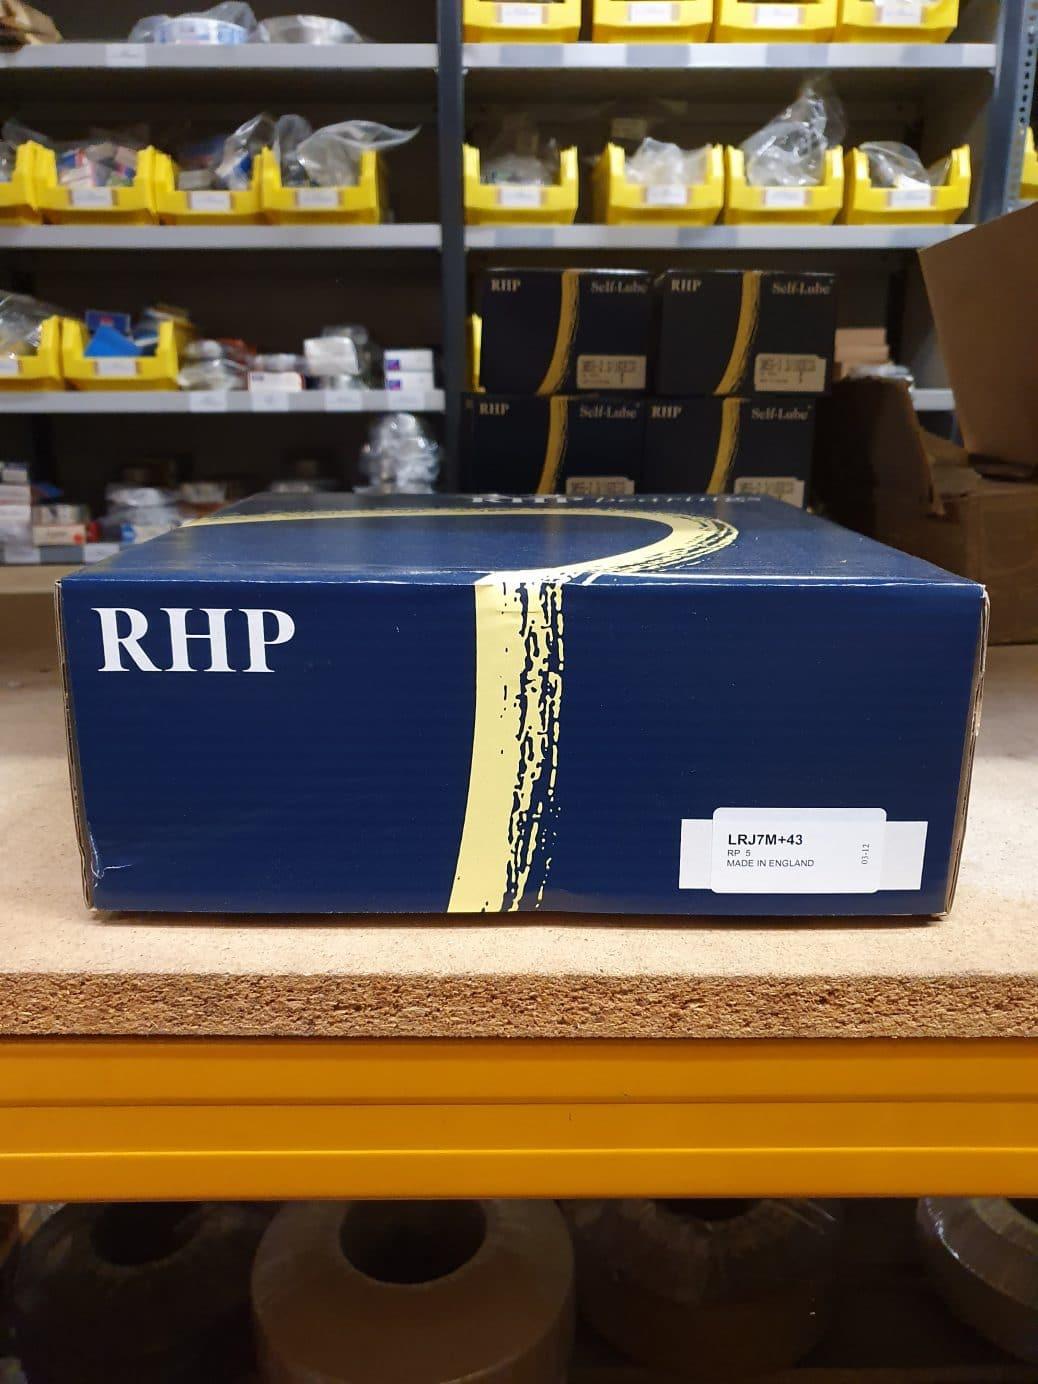 RHP Imperial Roller Bearings